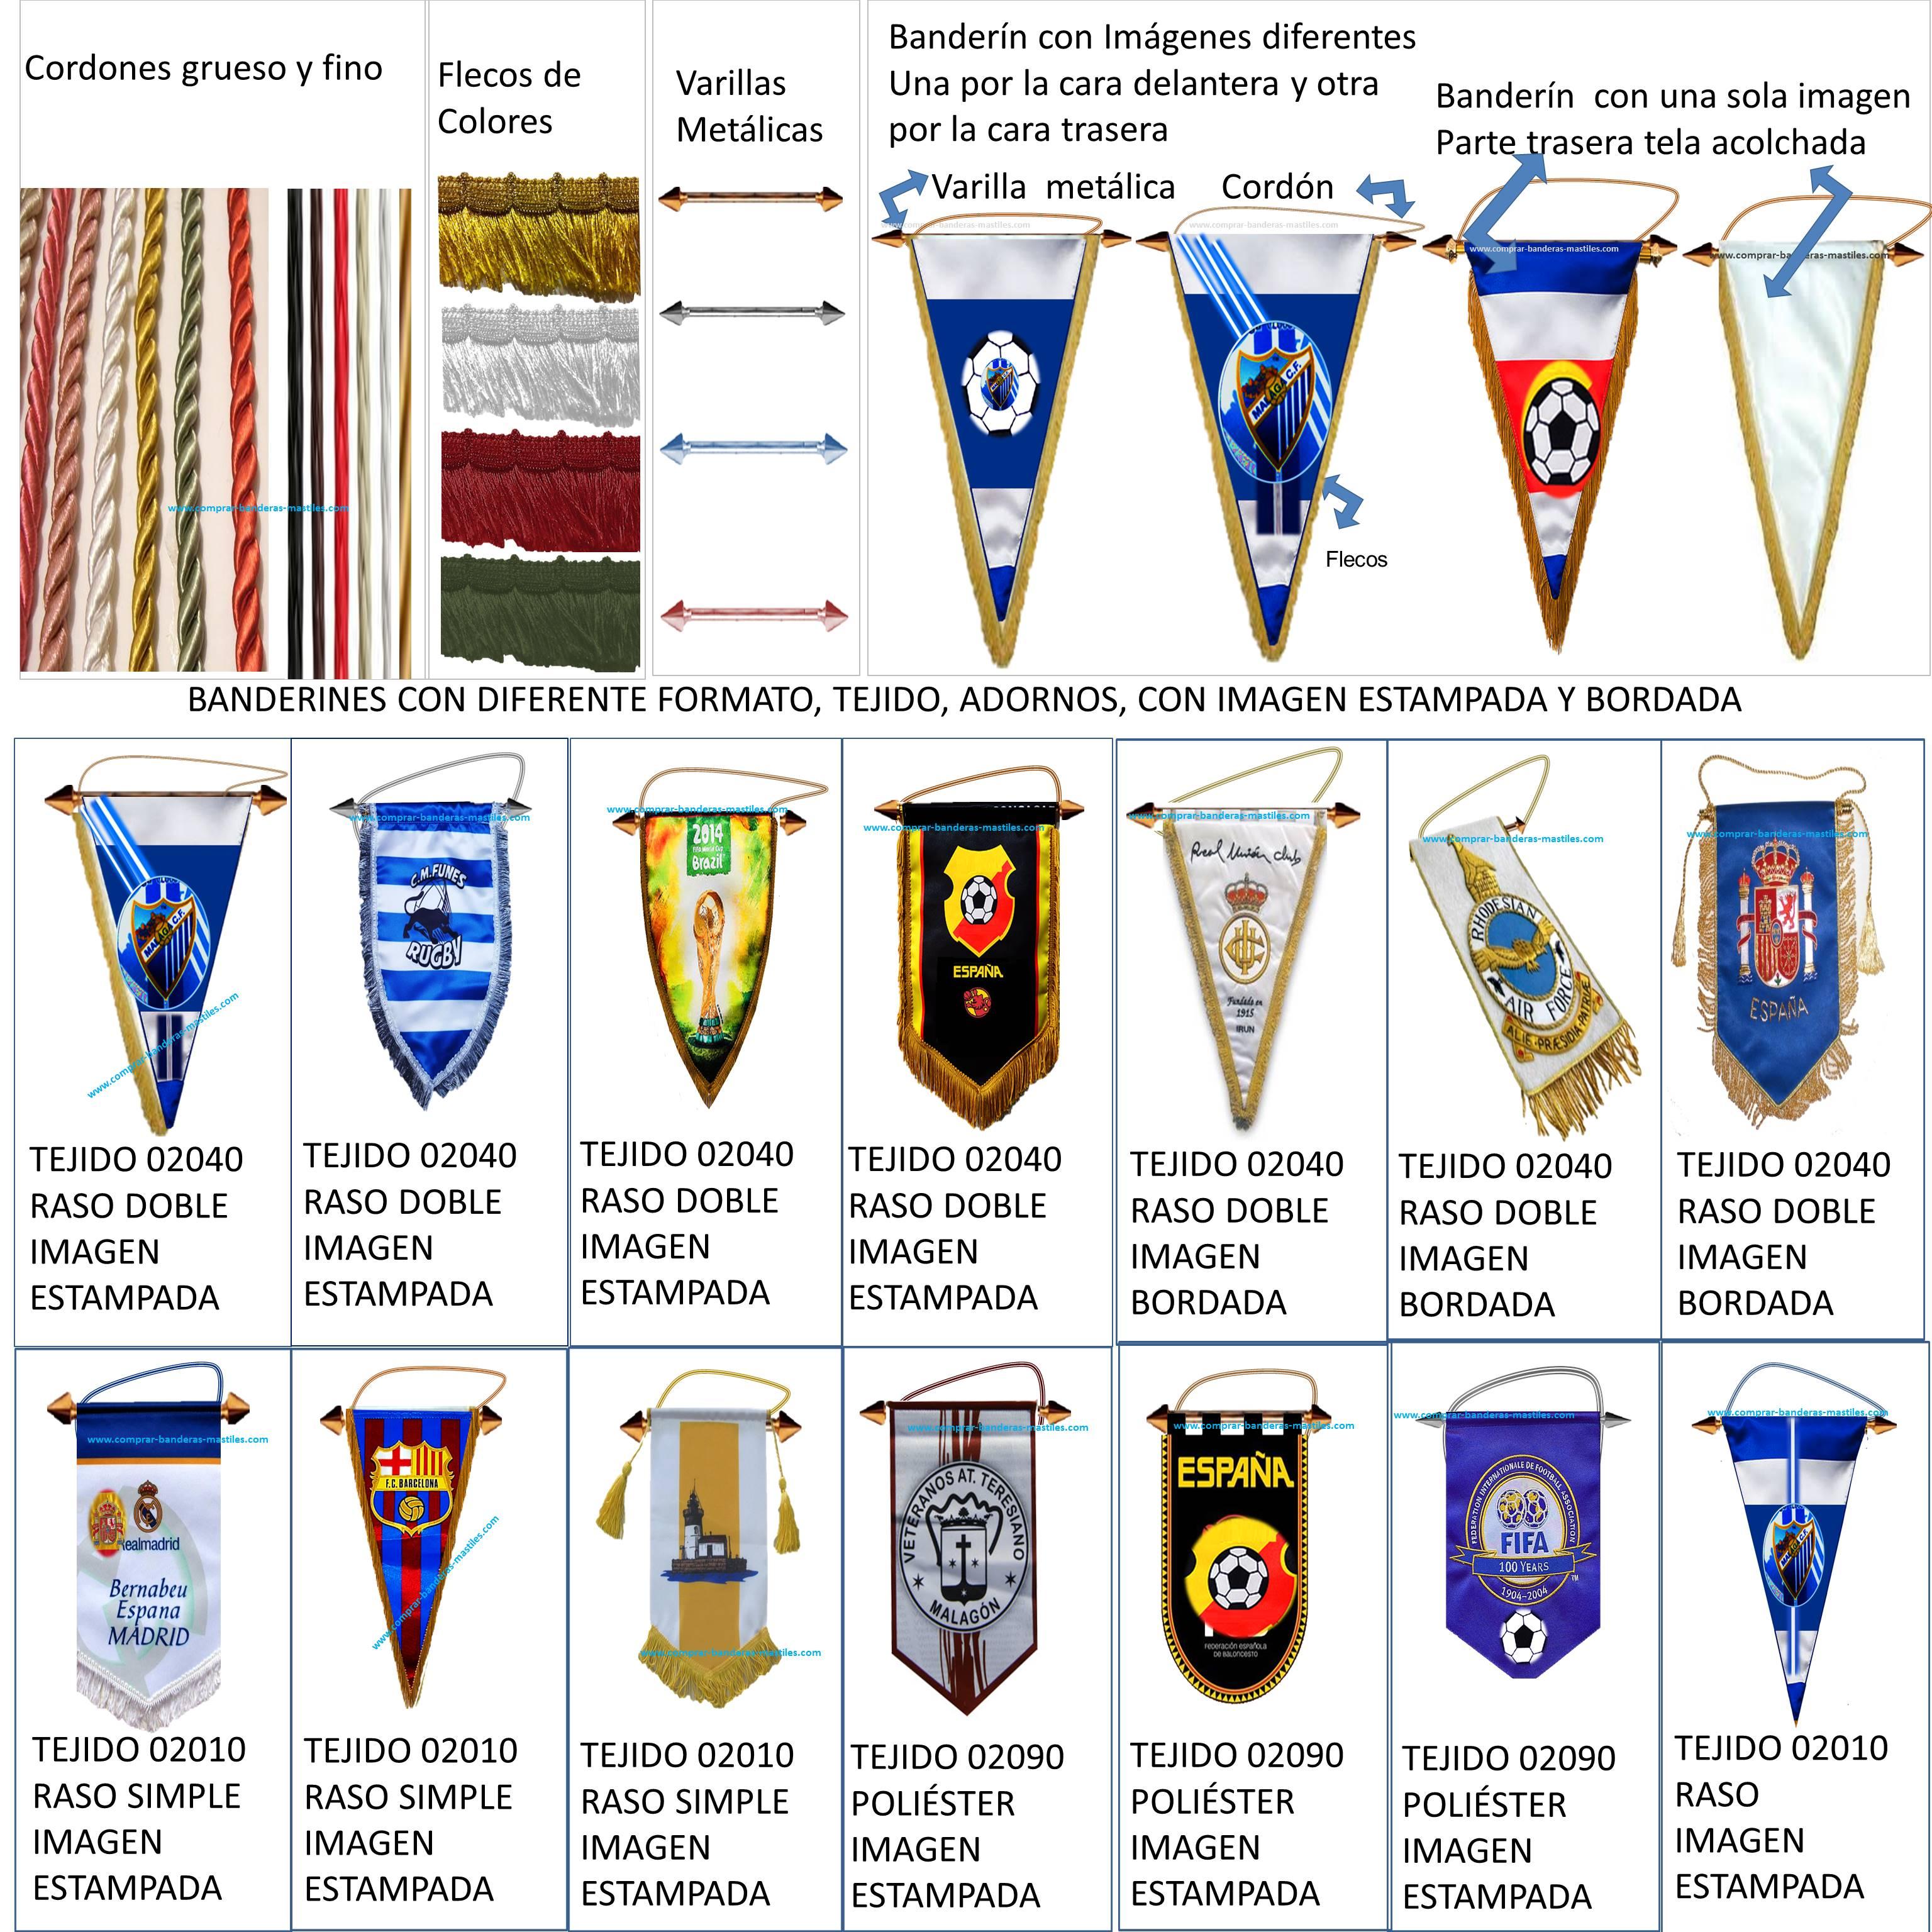 Banderines de Intercambio Venta y fabricación de Banderines Personalizados,Banderines Clubes Deportivos, Banderines Publicitarios,Banderines Equipos de Fútbol